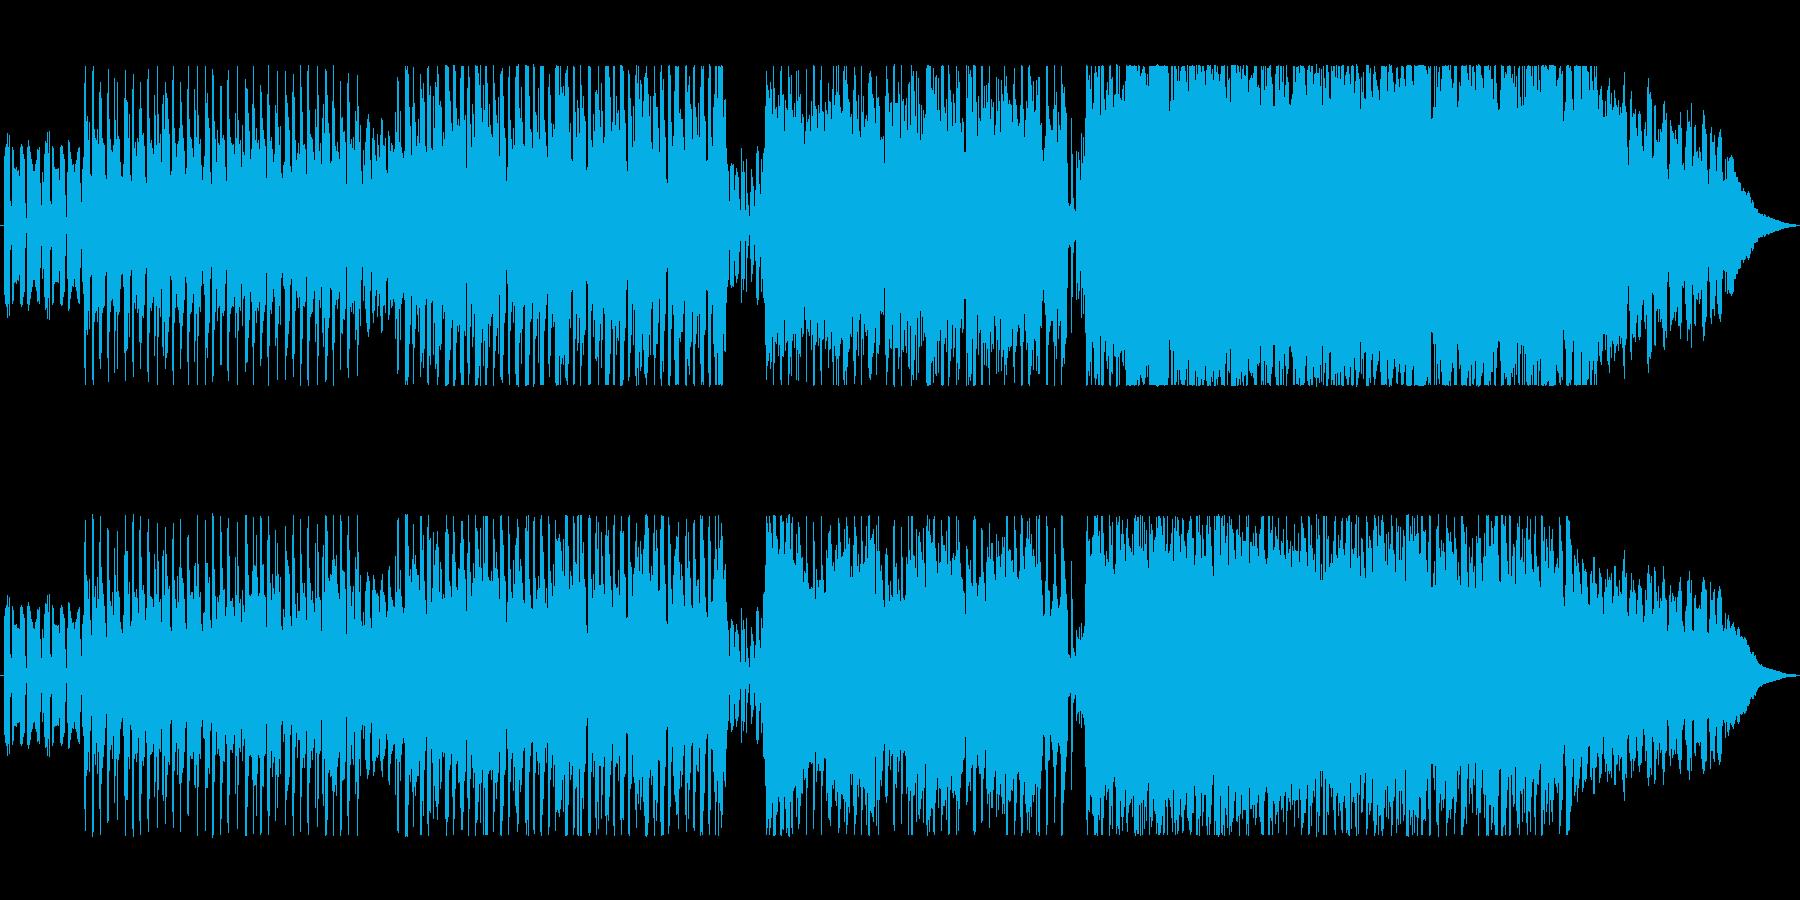 軽快でかっこいいロックギターの曲の再生済みの波形